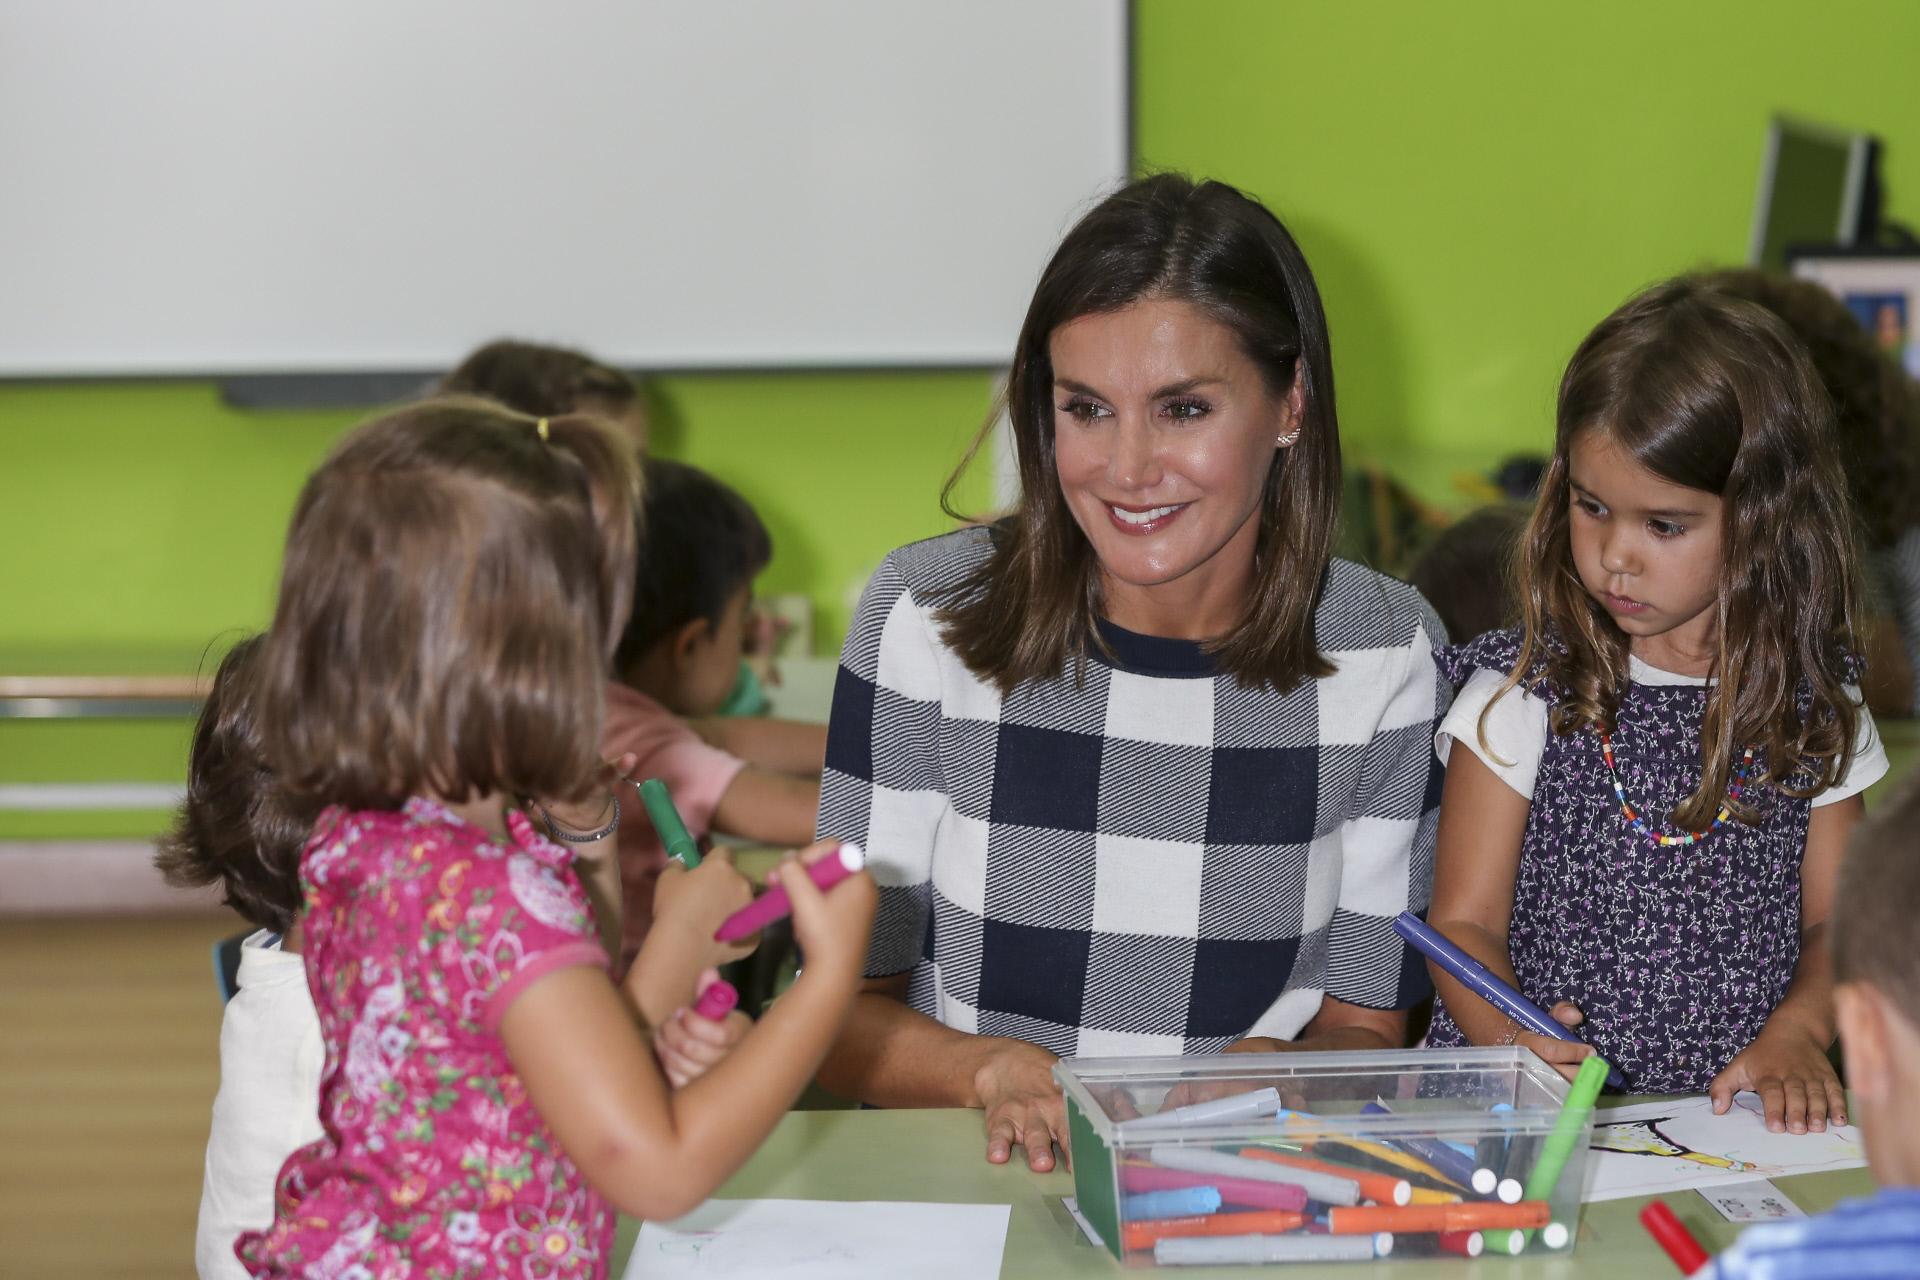 Doña Letizia inaugurando el curso escolar en Oviedo.